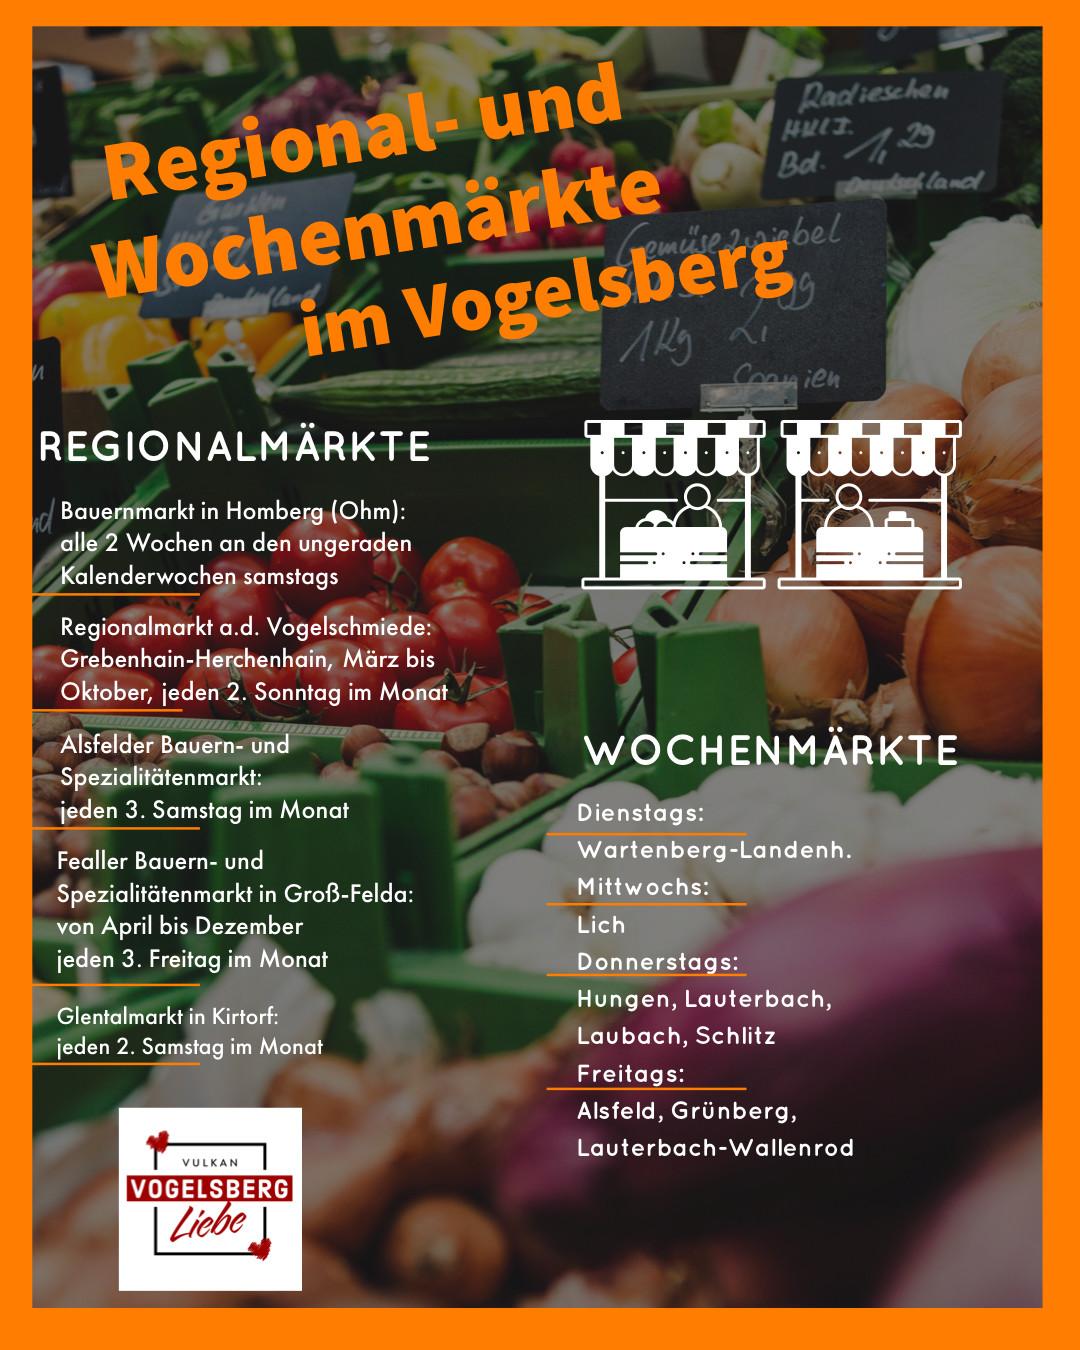 Regional-Wochenmaerkte-im-Vogelsberg